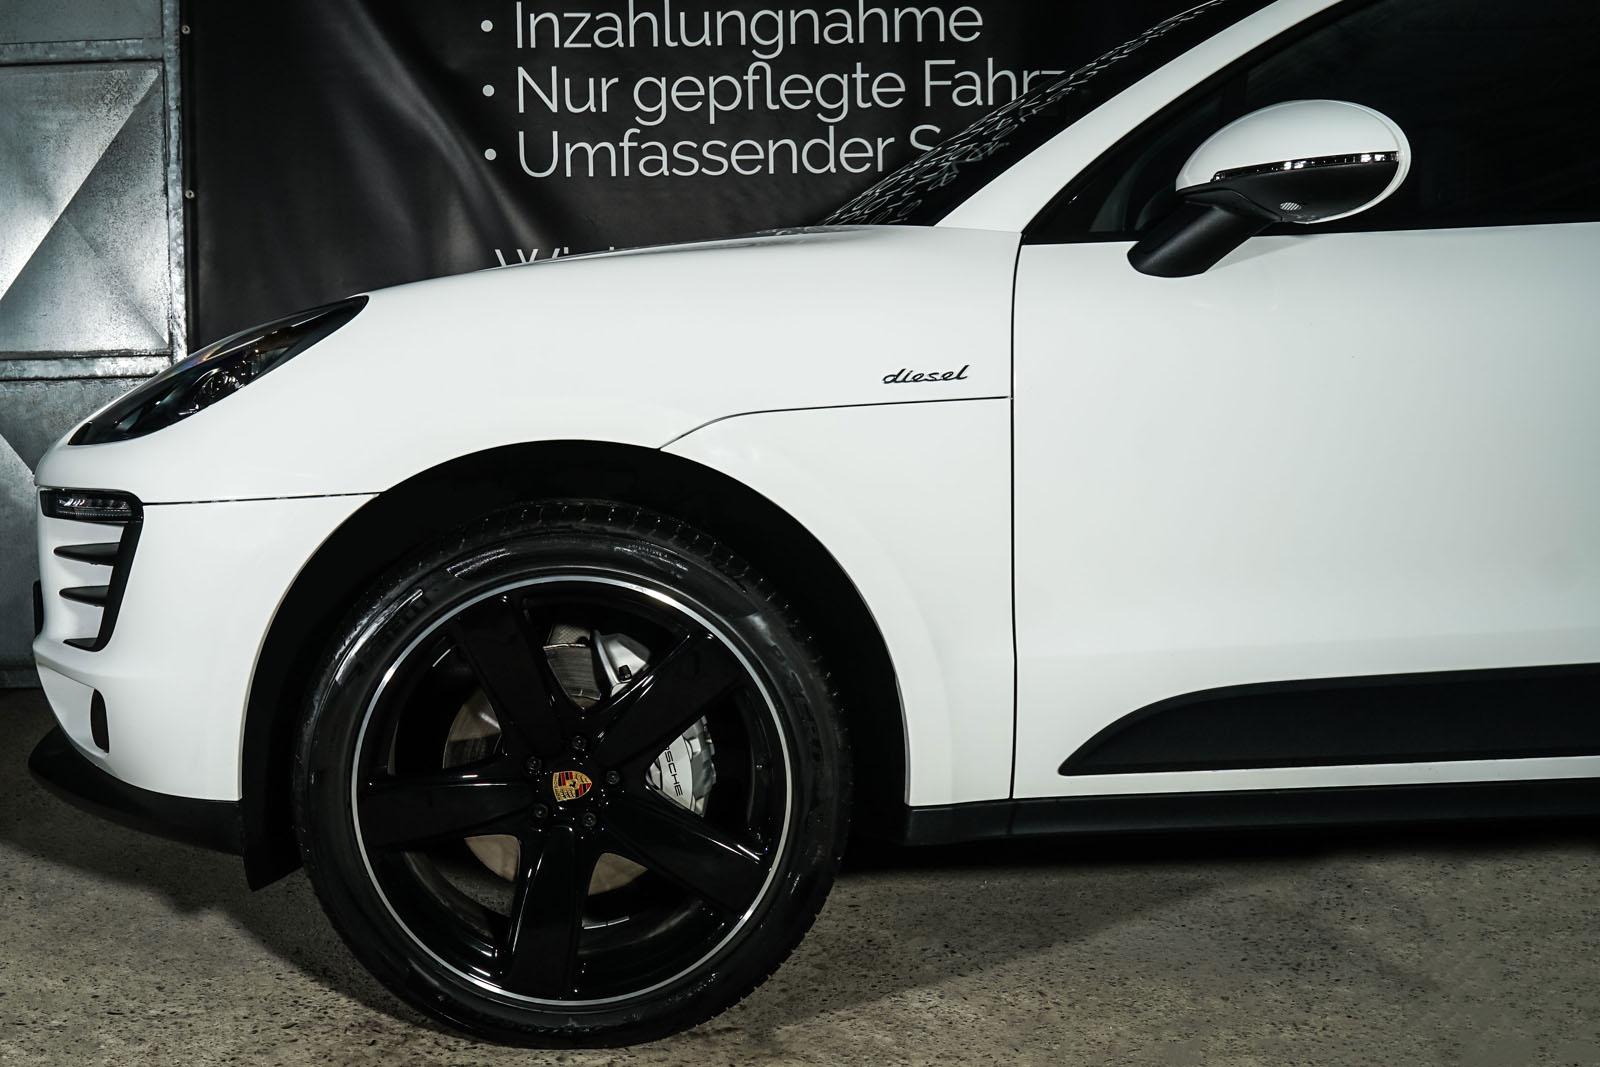 Porsche_Macan_S_Weiß_Schwarz_Por-3526_3_w